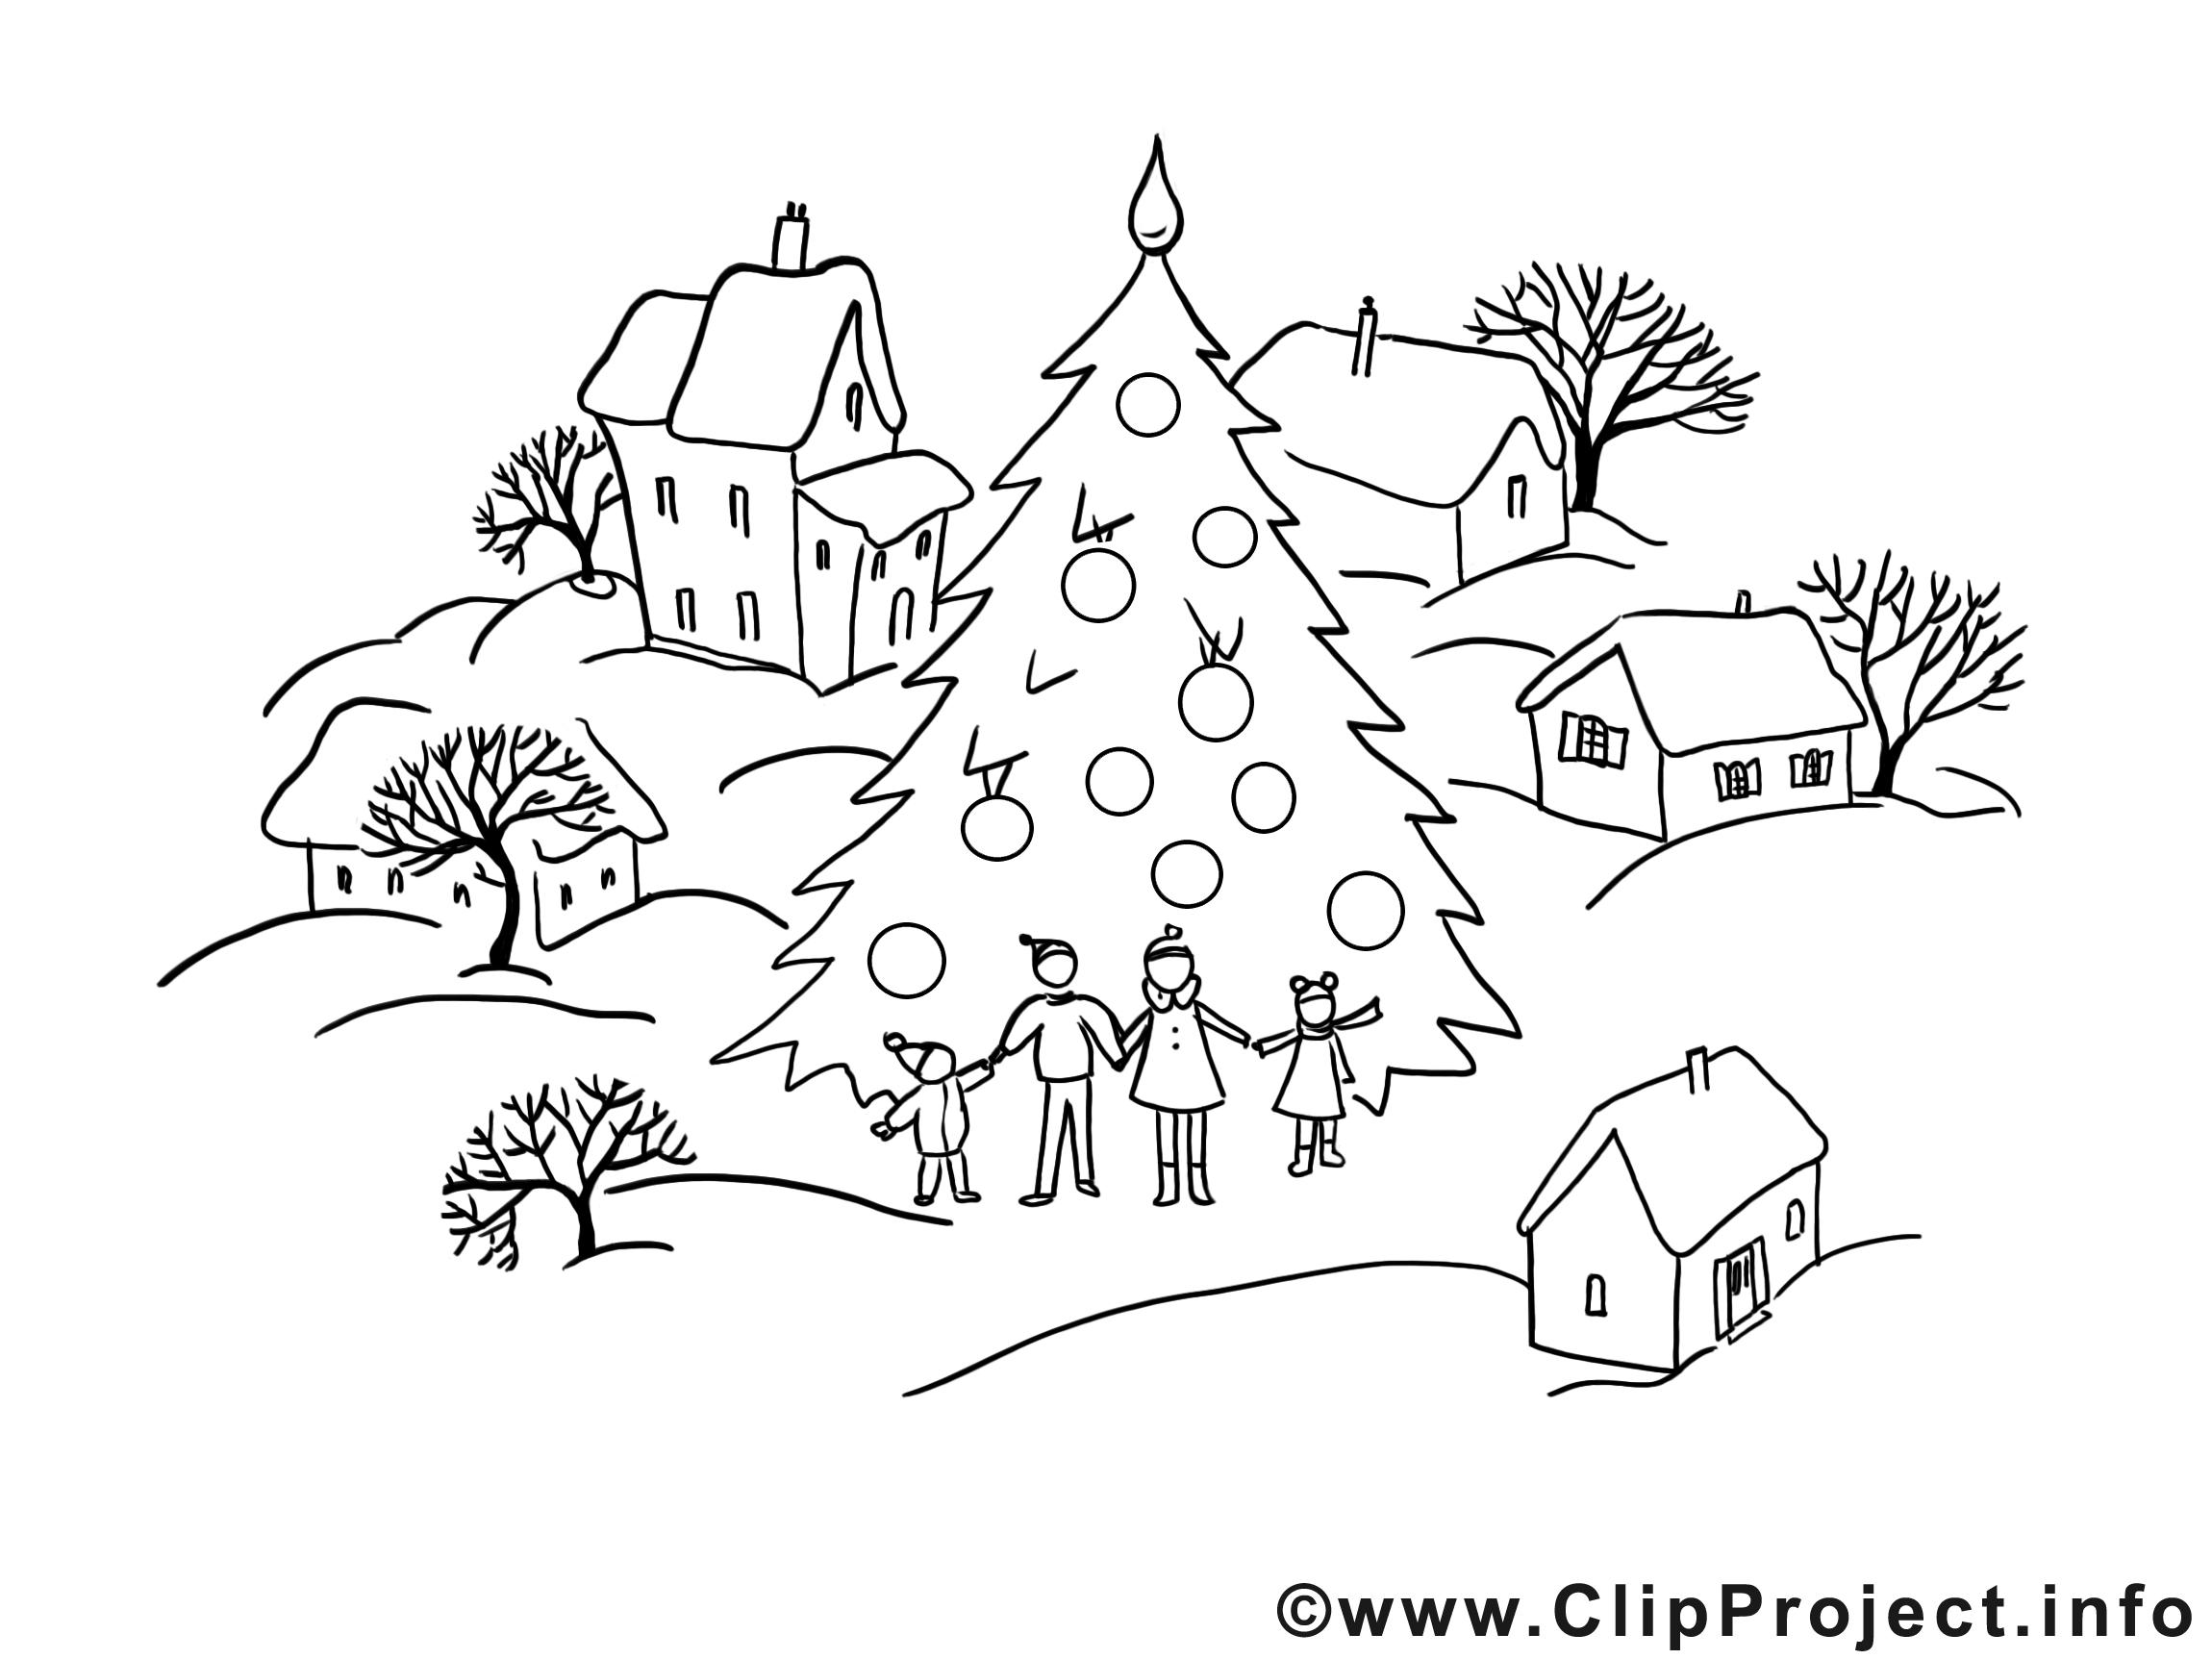 Weihnachtsbaum Malvorlage (Mit Bildern) | Malvorlagen verwandt mit Winterlandschaft Malvorlage